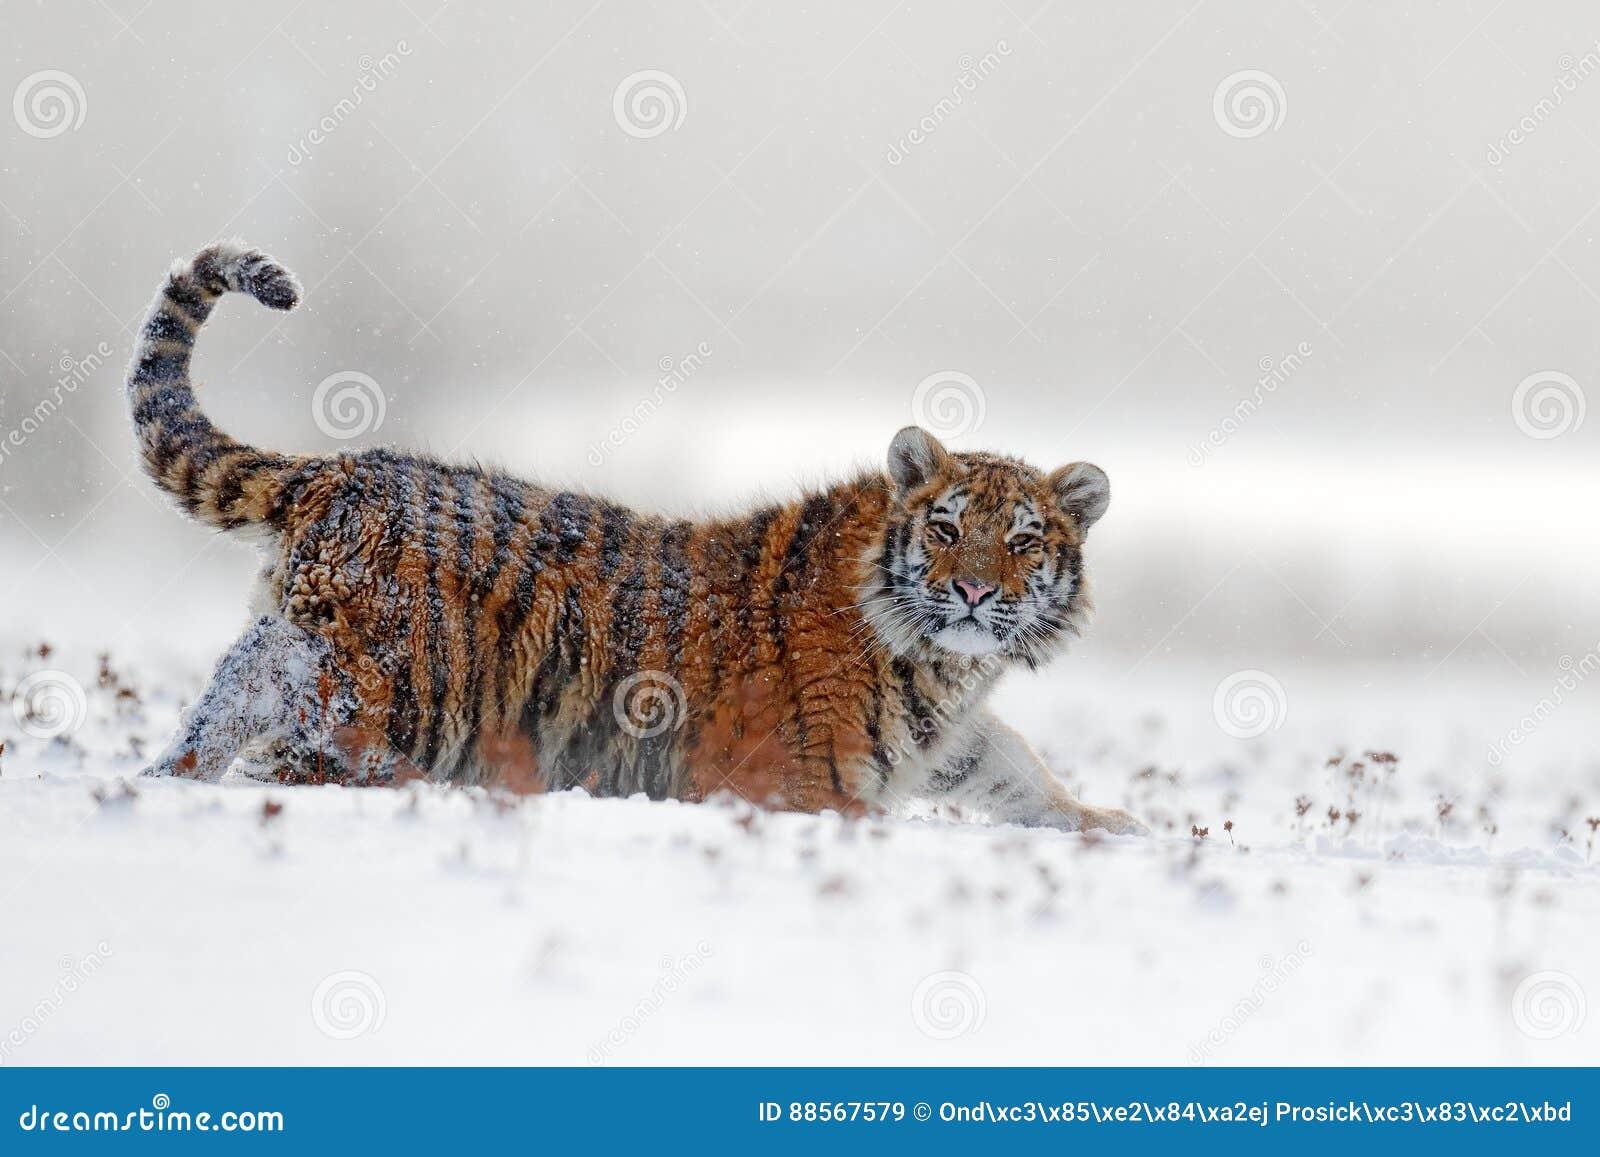 Σταθερή η πρόσωπο τίγρη κοιτάζει Σιβηρική τίγρη το φθινόπωρο χιονιού Τίγρη Amur που τρέχει στο χιόνι Χειμερινή σκηνή άγριας φύσης